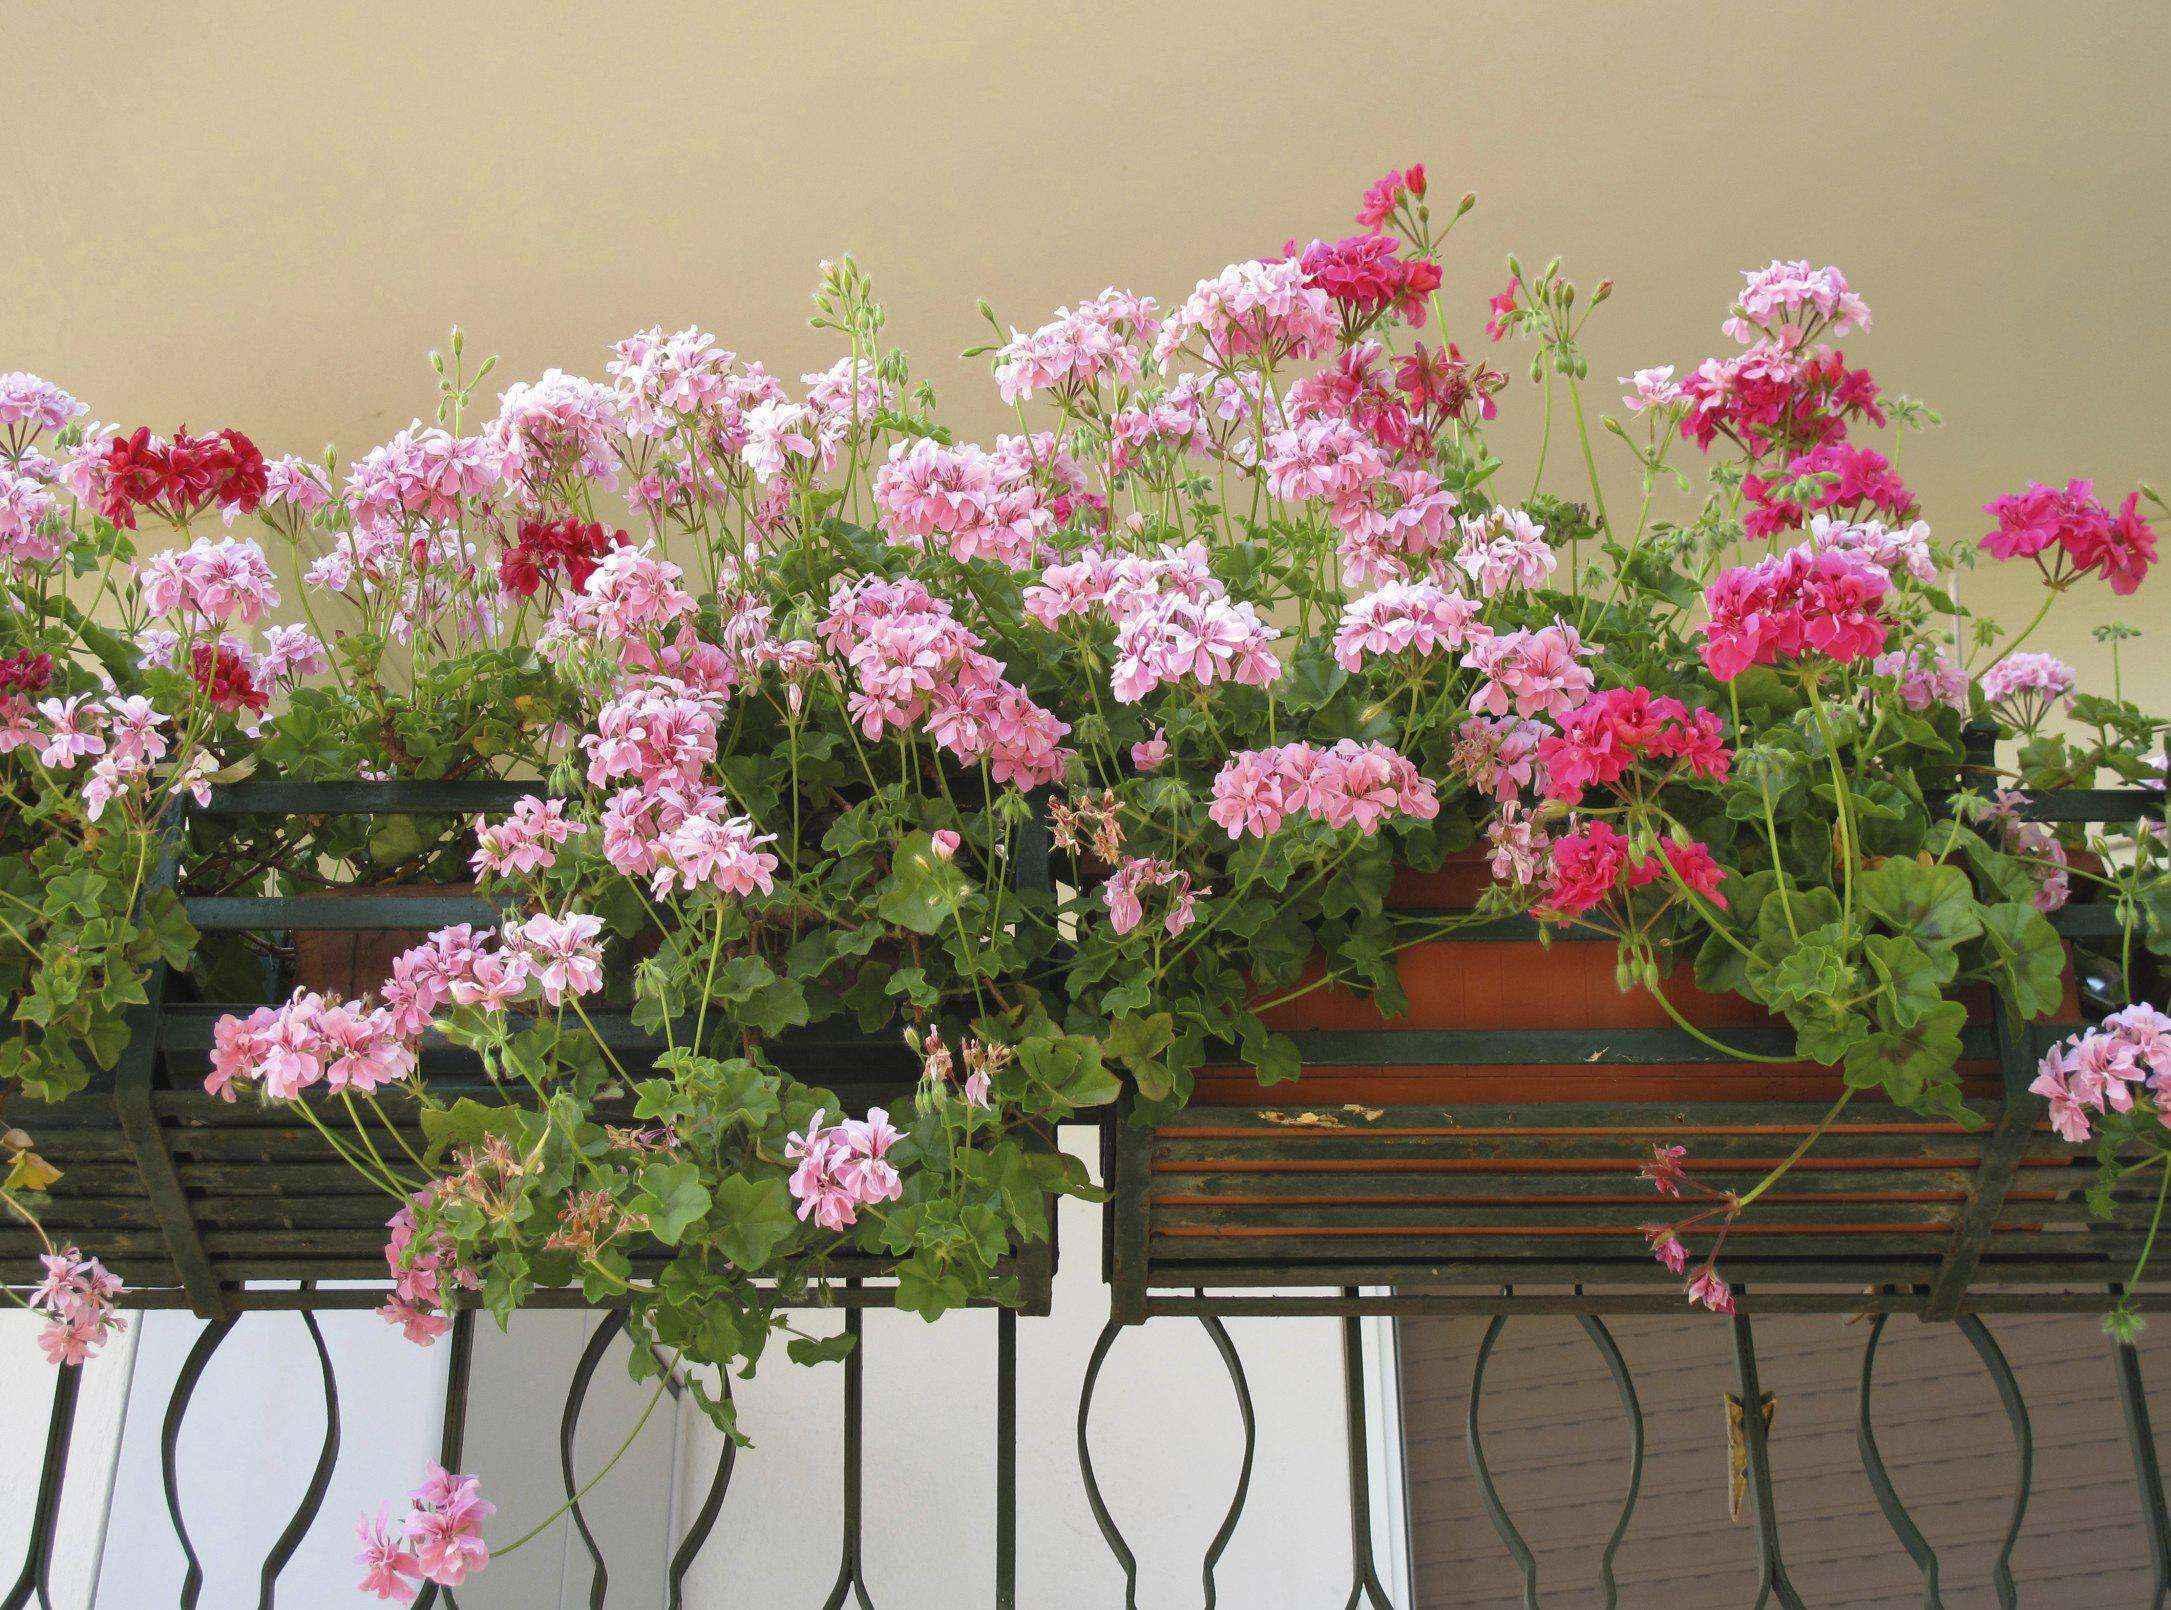 Как сделать уютный сад в ограниченном пространстве и при ограниченном бюджете